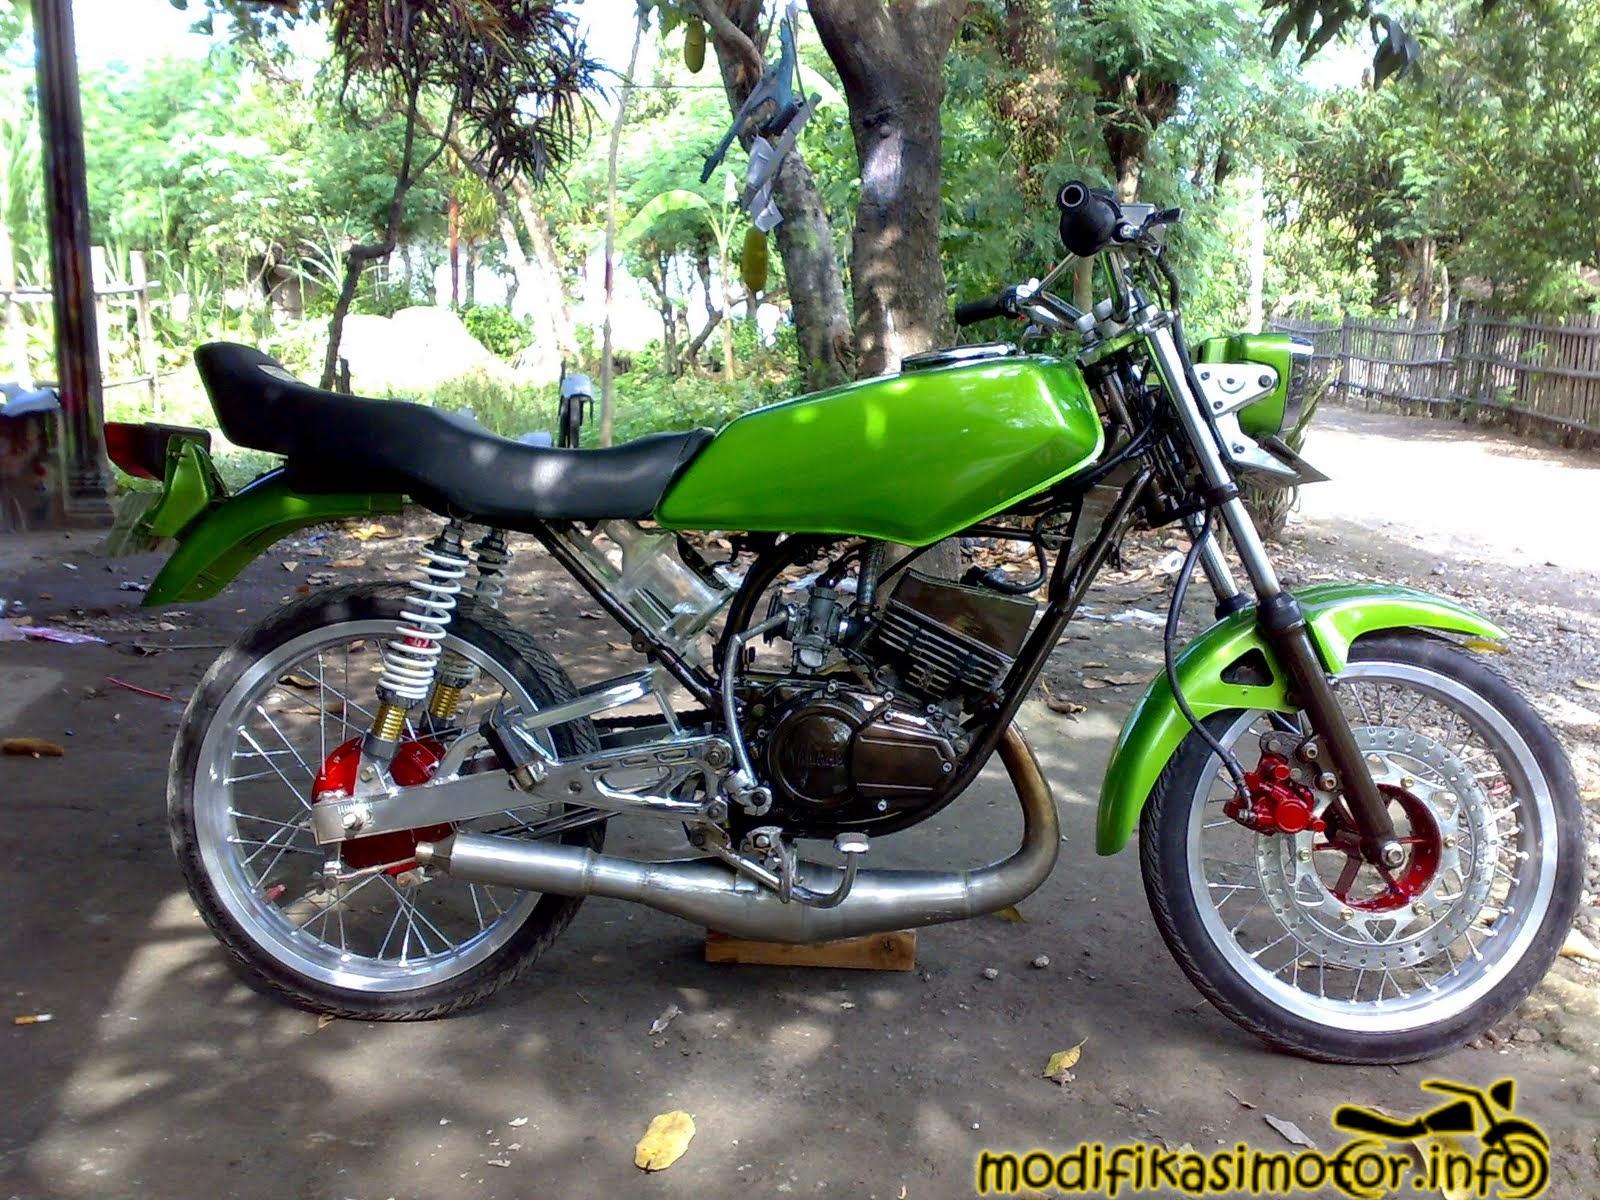 Kumpulan Foto Modifikasi Motor Rx Special Terlengkap Modispik Motor